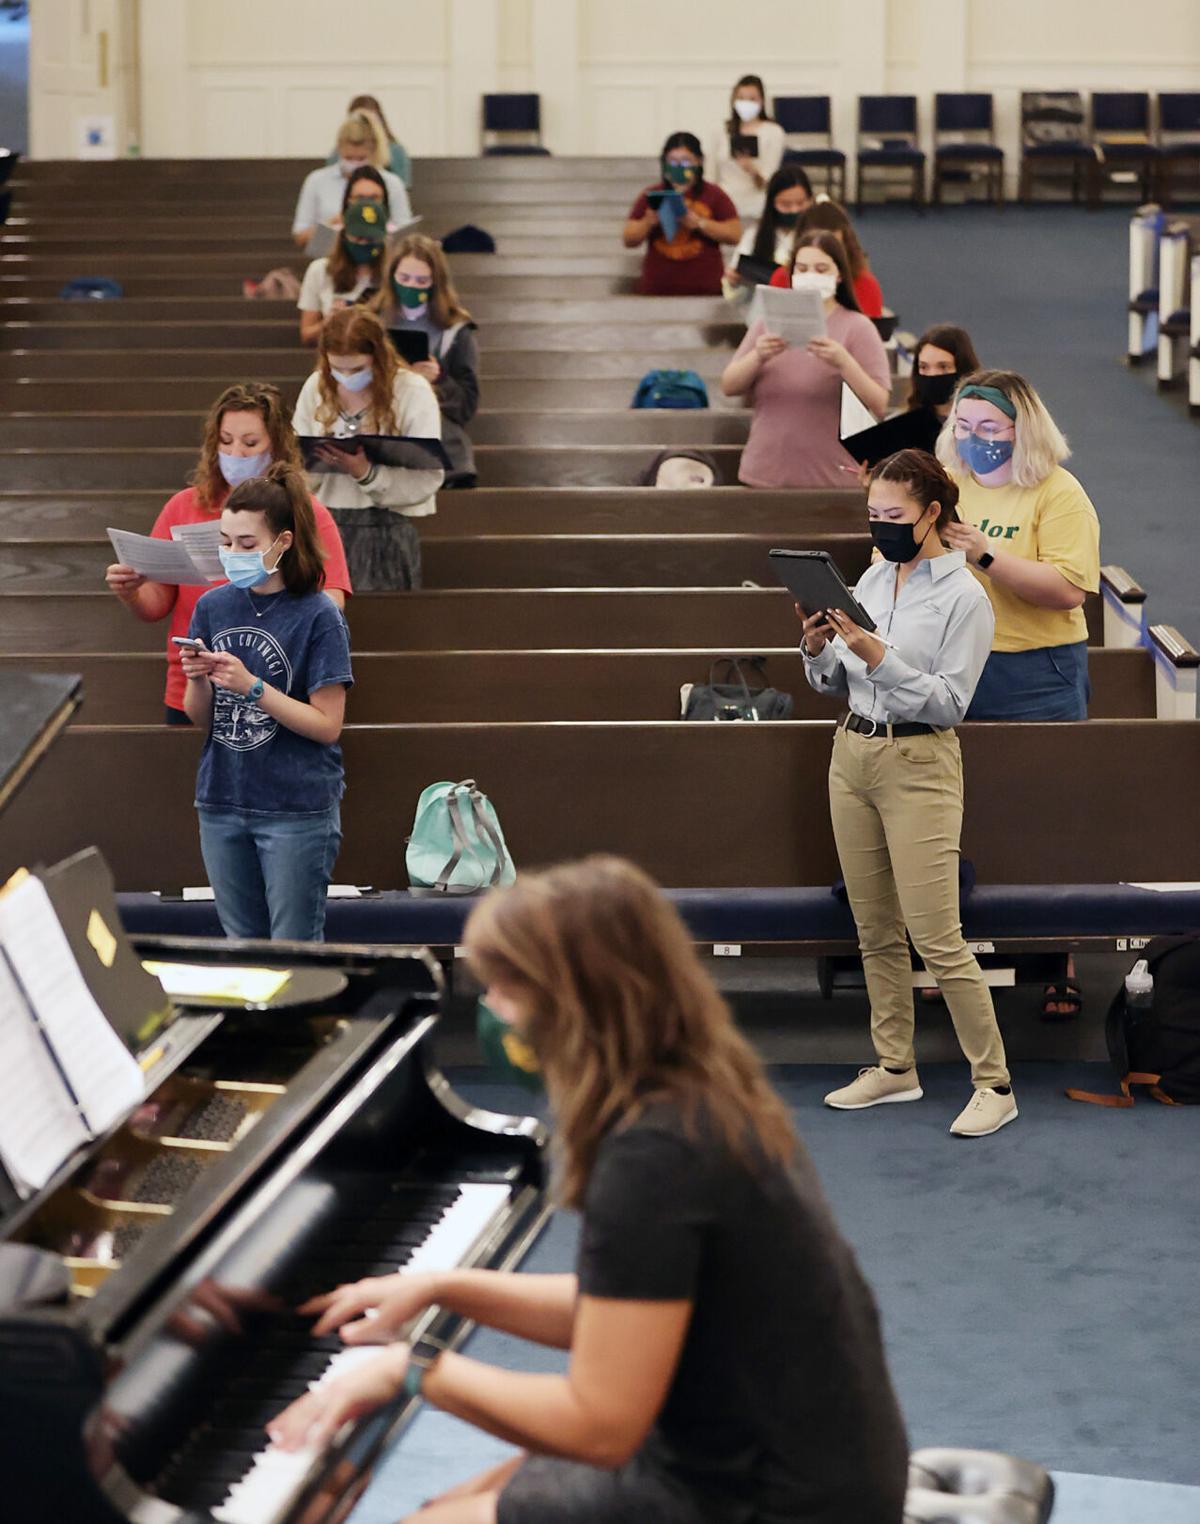 choirs - rehearsing